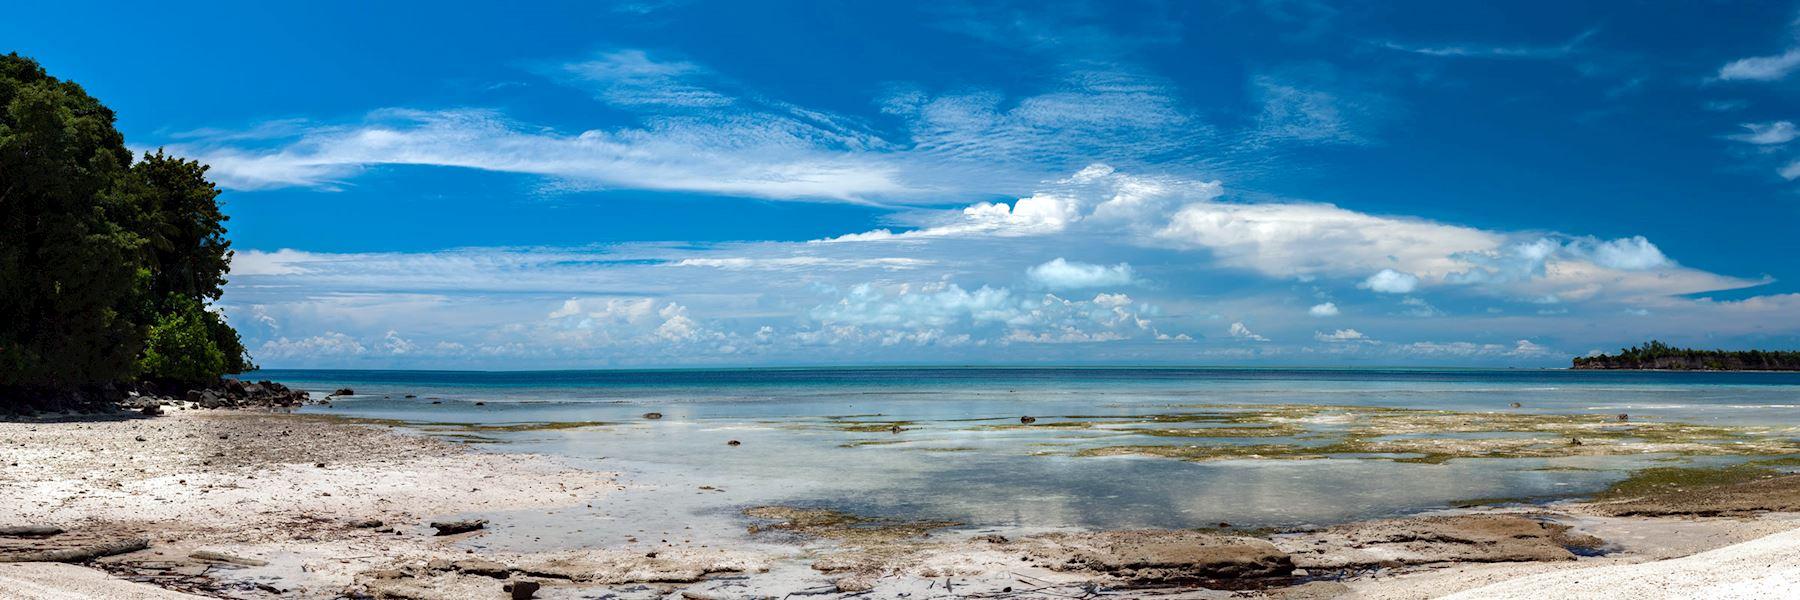 Visit Sipadan, Mabul & Kapalai Islands, Borneo